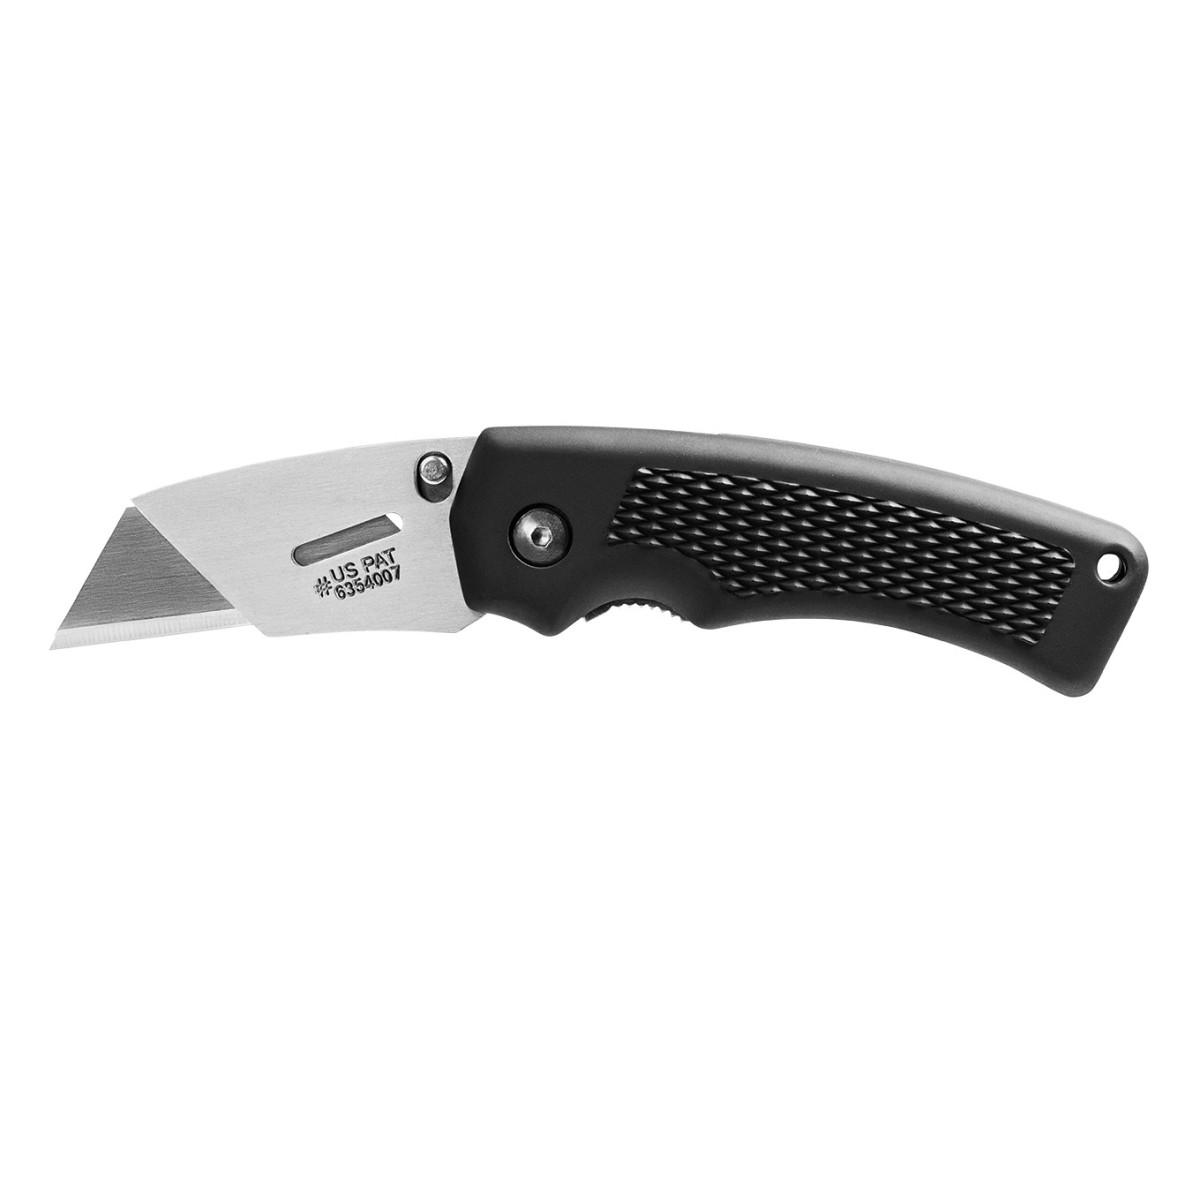 GERBER Folding Knife Exchange -A-Blade 31-000668